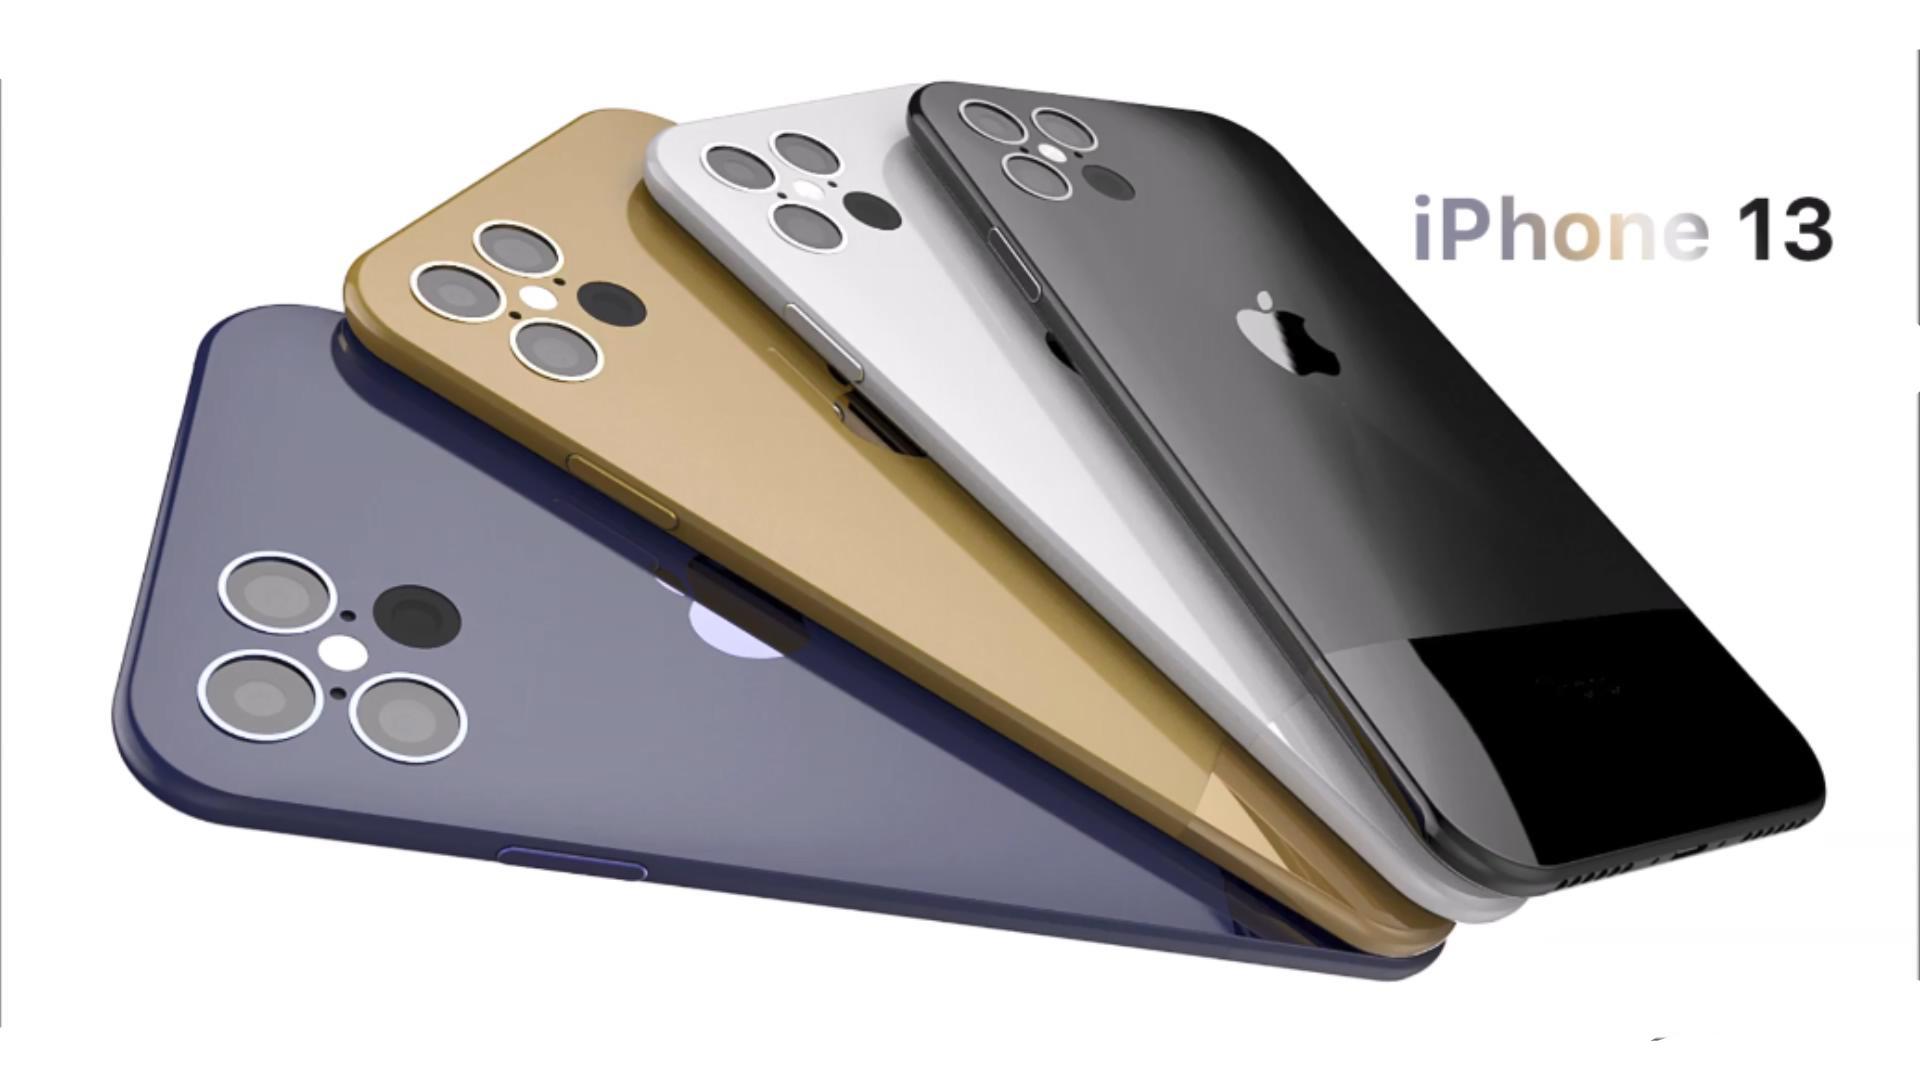 iPhone13发售在即,中国市场却传来禁售消息,面临100亿侵权赔偿